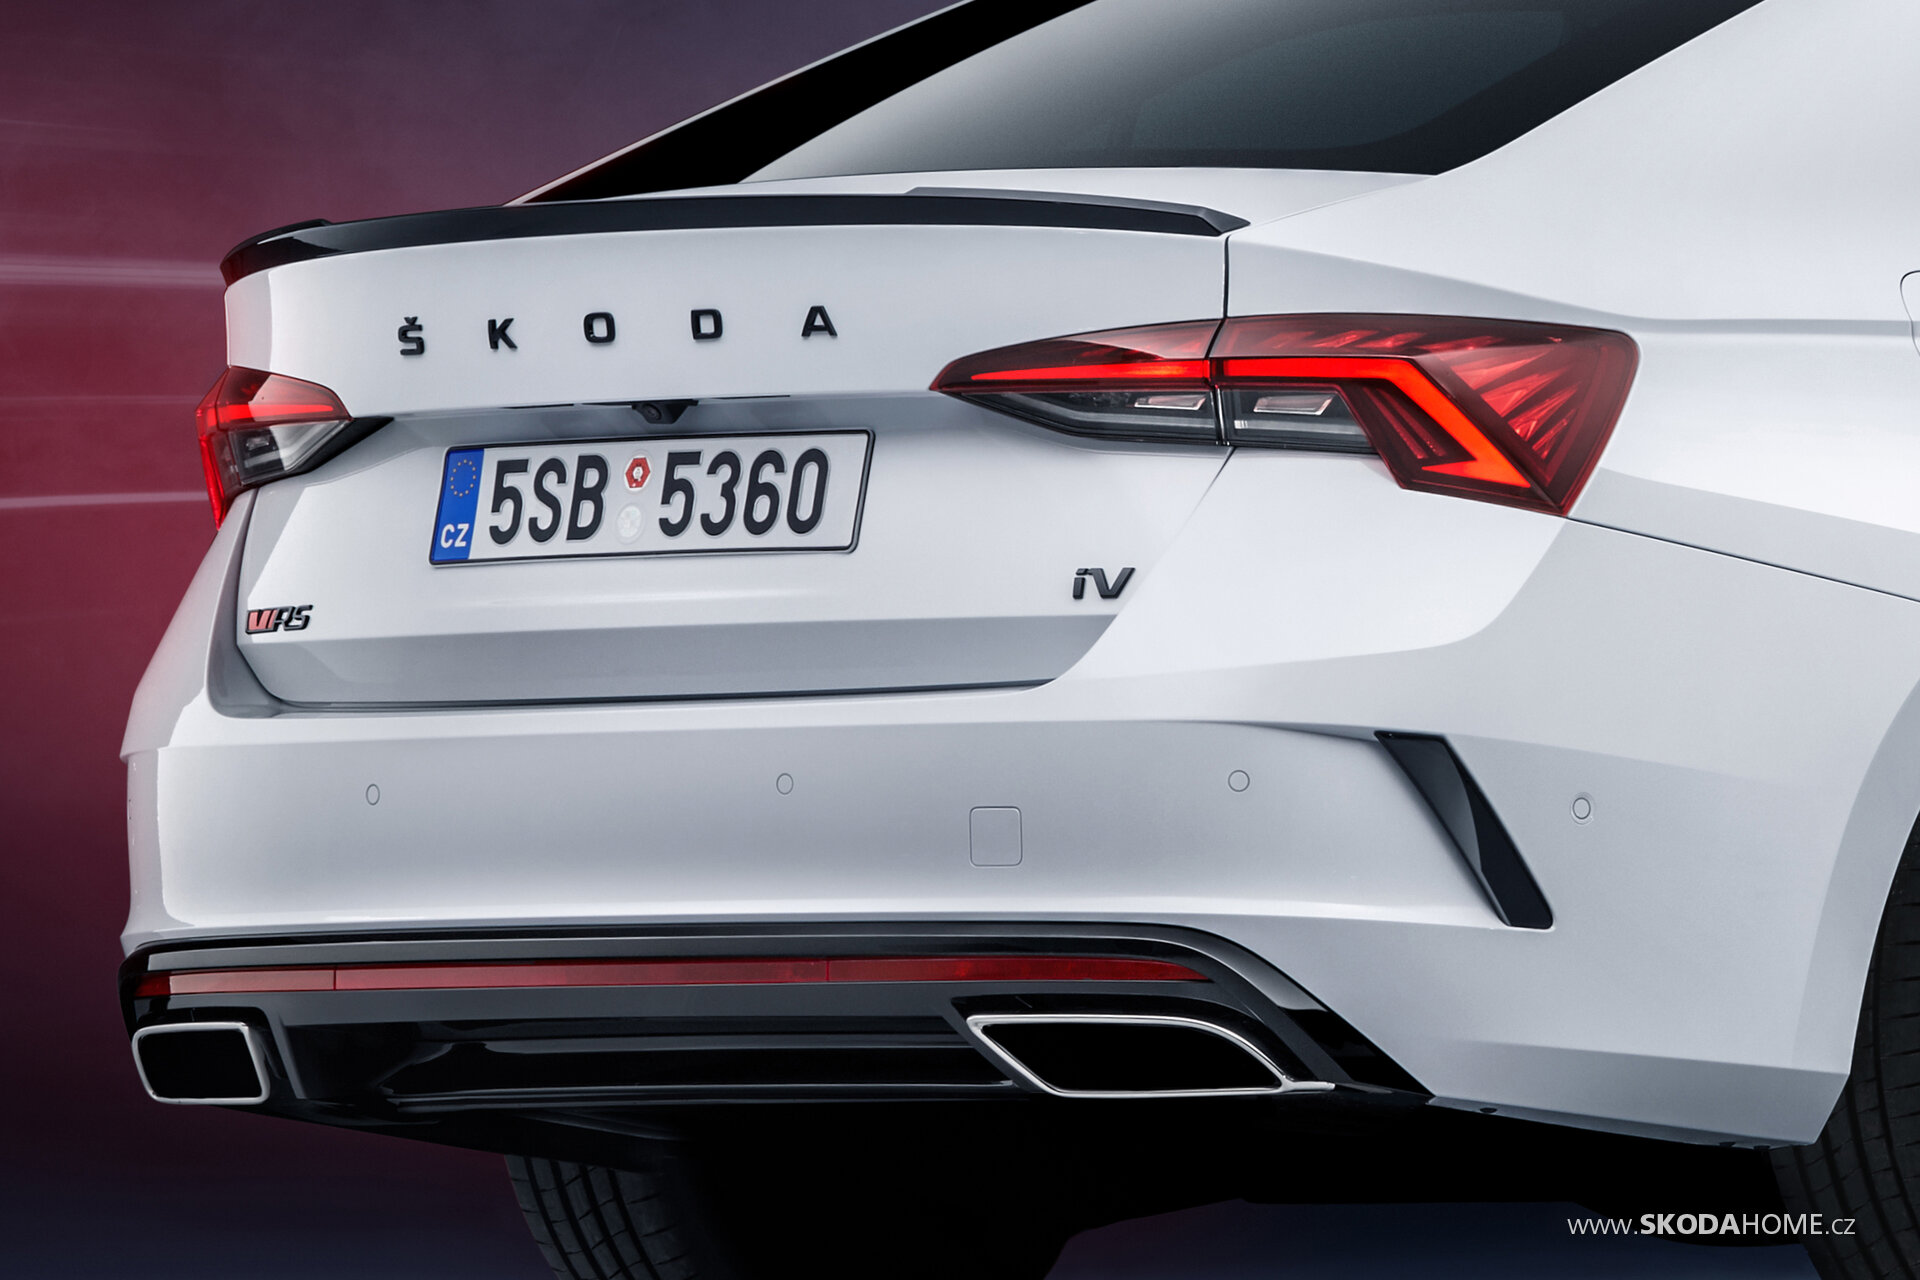 ŠKODA OCTAVIA RS iV - Hatchback